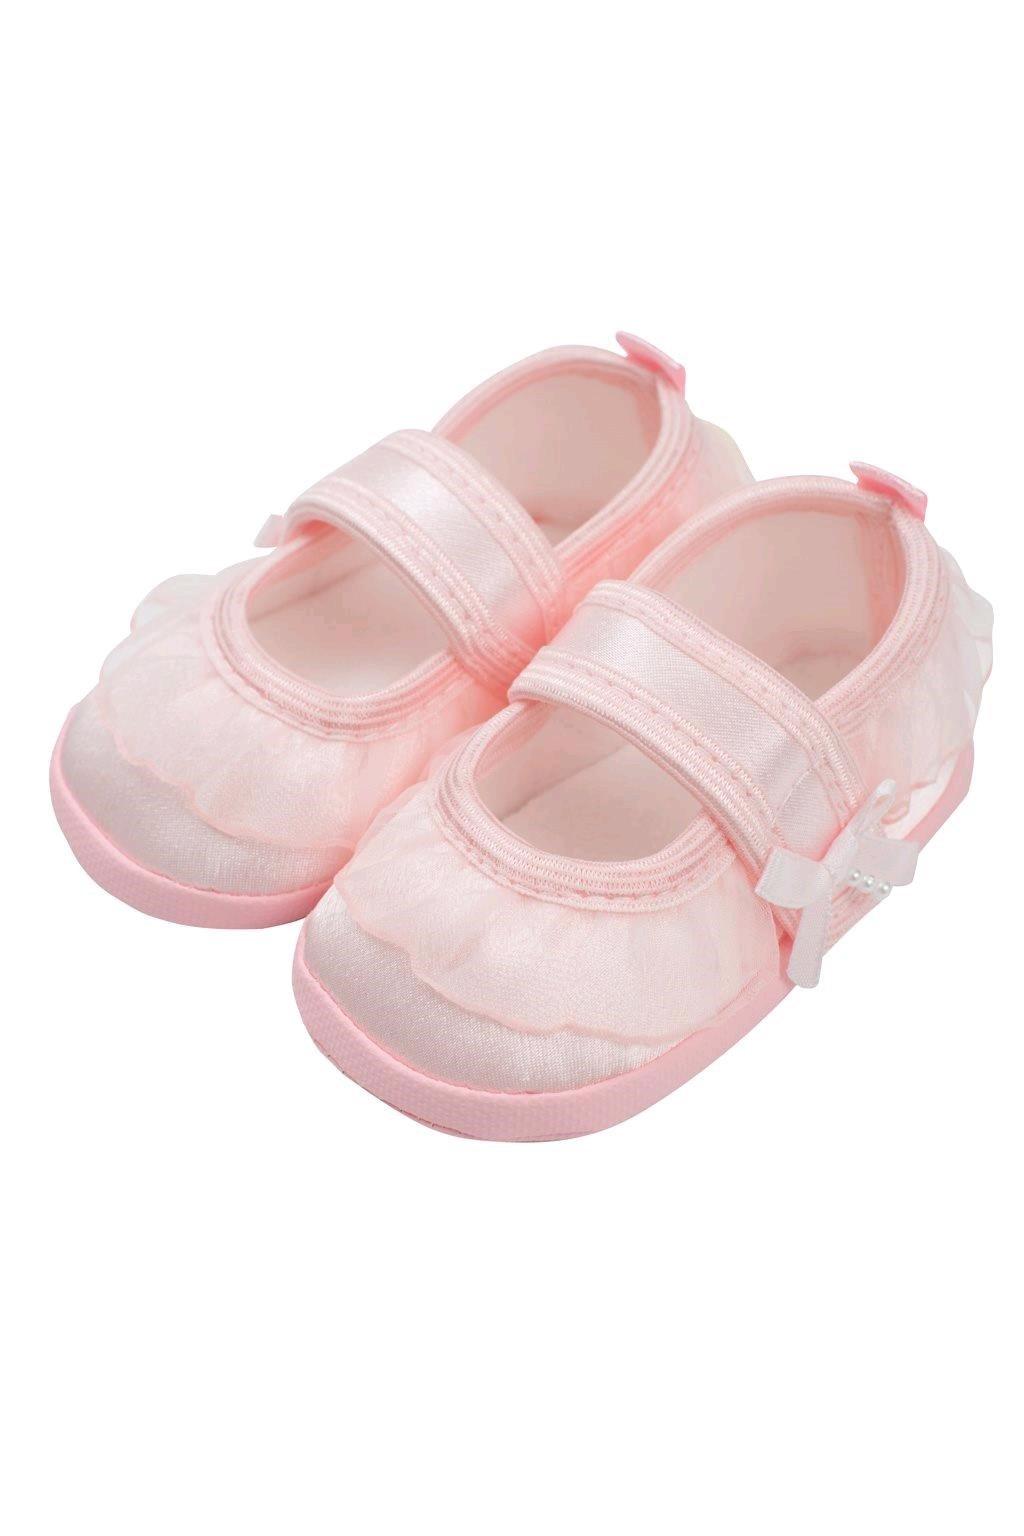 Dojčenské capačky New Baby saténové ružové 3-6 m